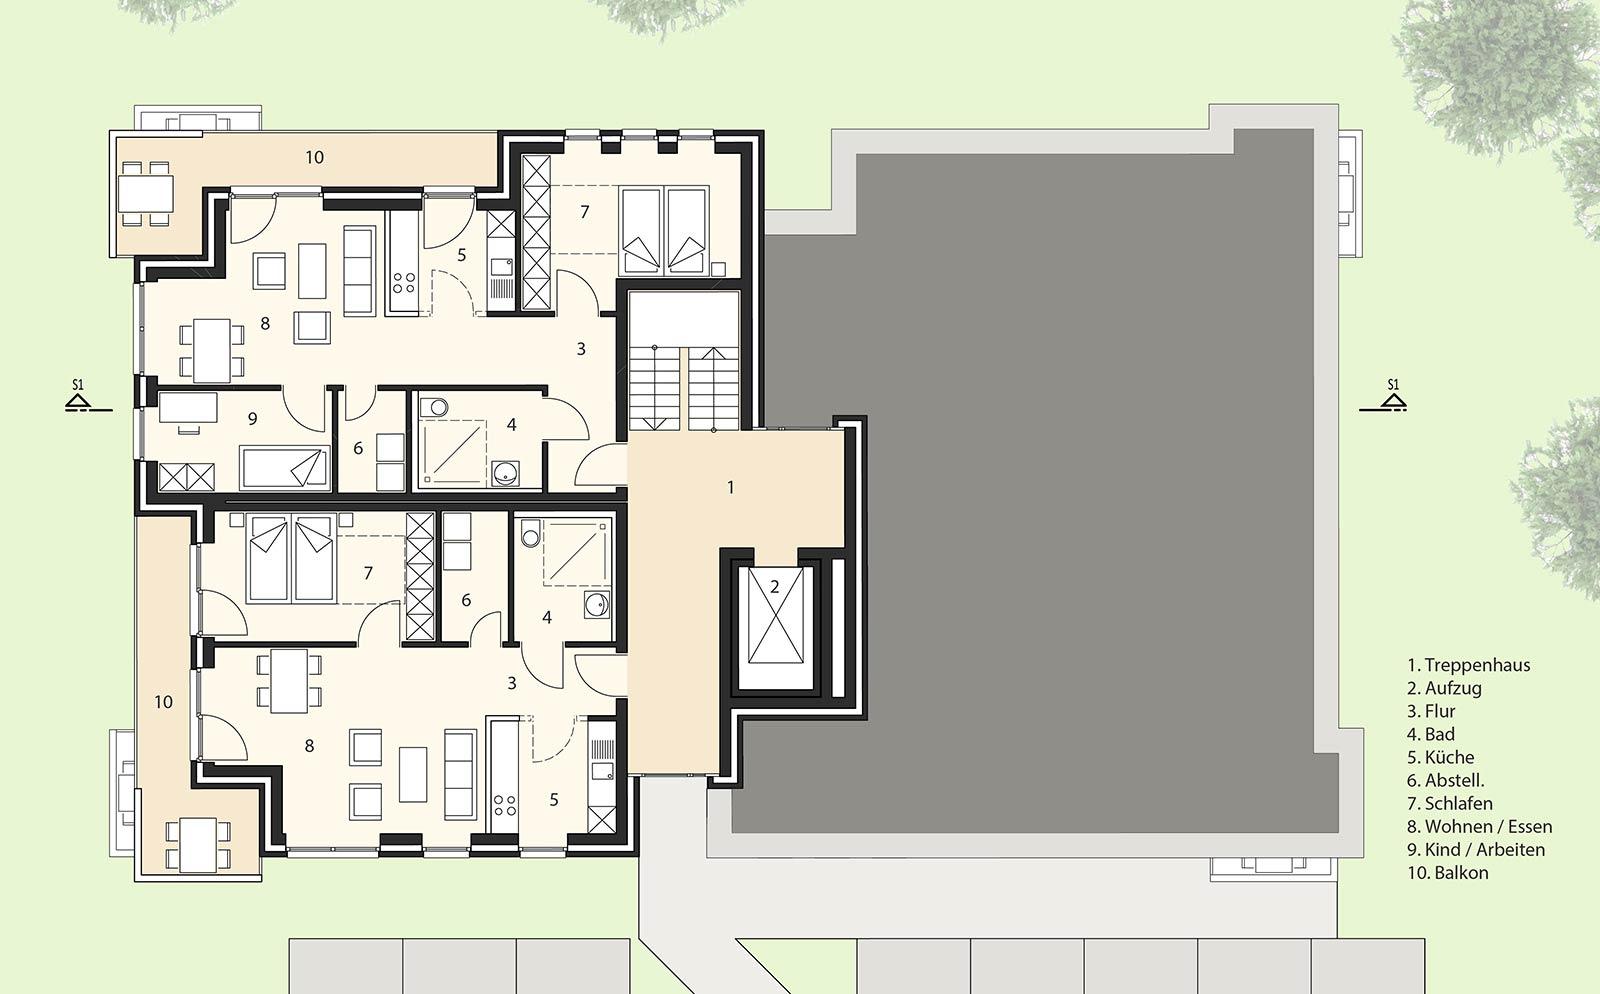 Treppenhaus grundriss mehrfamilienhaus  Mehrfamilienhaus Wilhelmshaven | Kapels Architekten